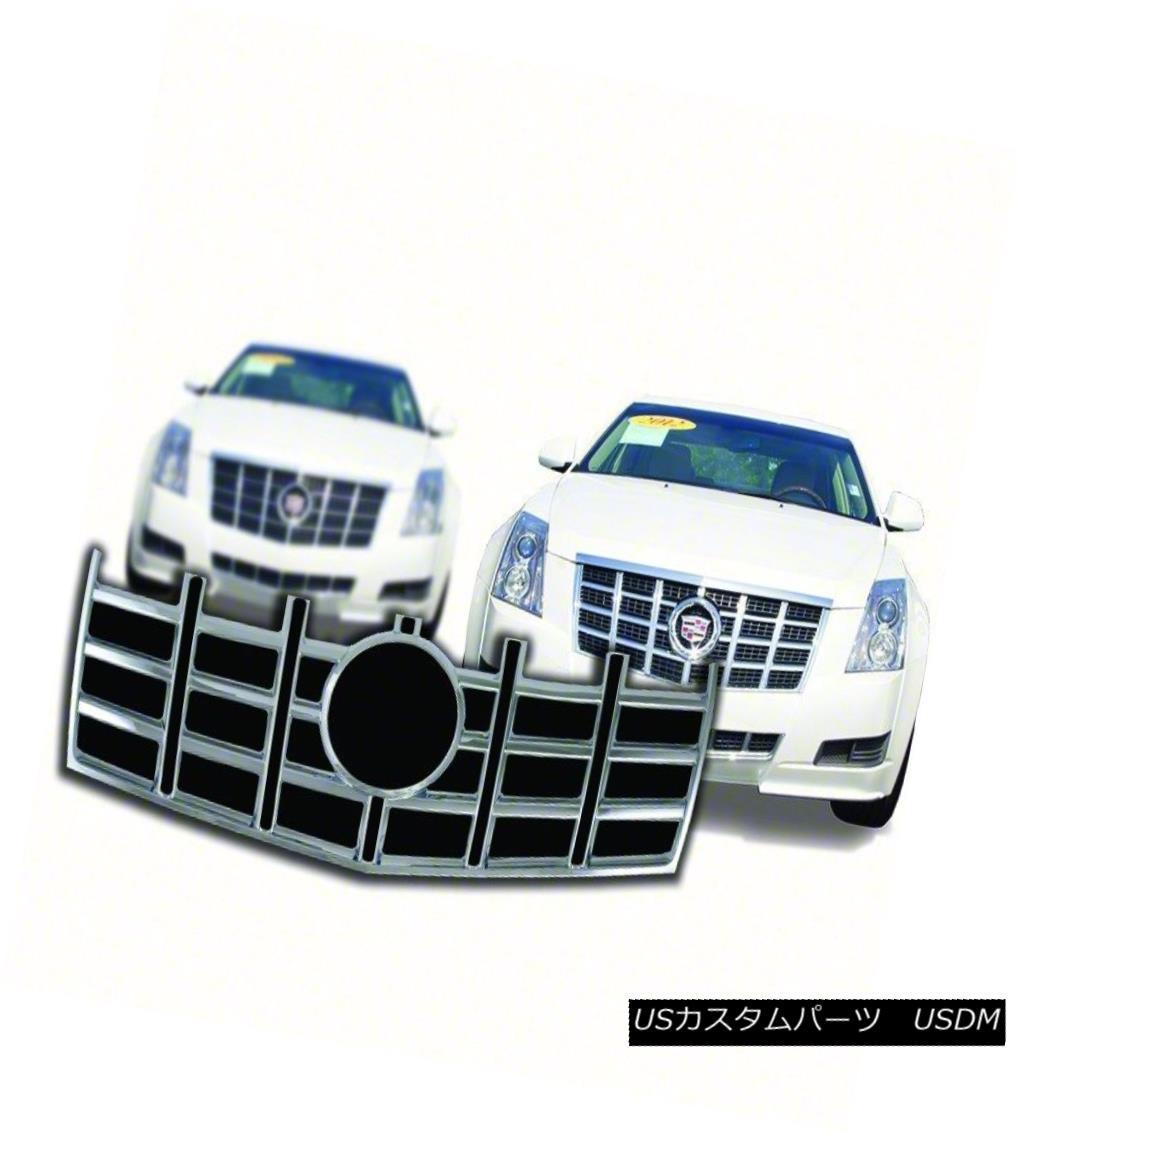 グリル IWCGI111 Chrome Grille Overlay-Fits 2012-13 Cadillac CTS IWCGI111クロムグリルオーバーレイフィット2012-13 Cadillac CTS